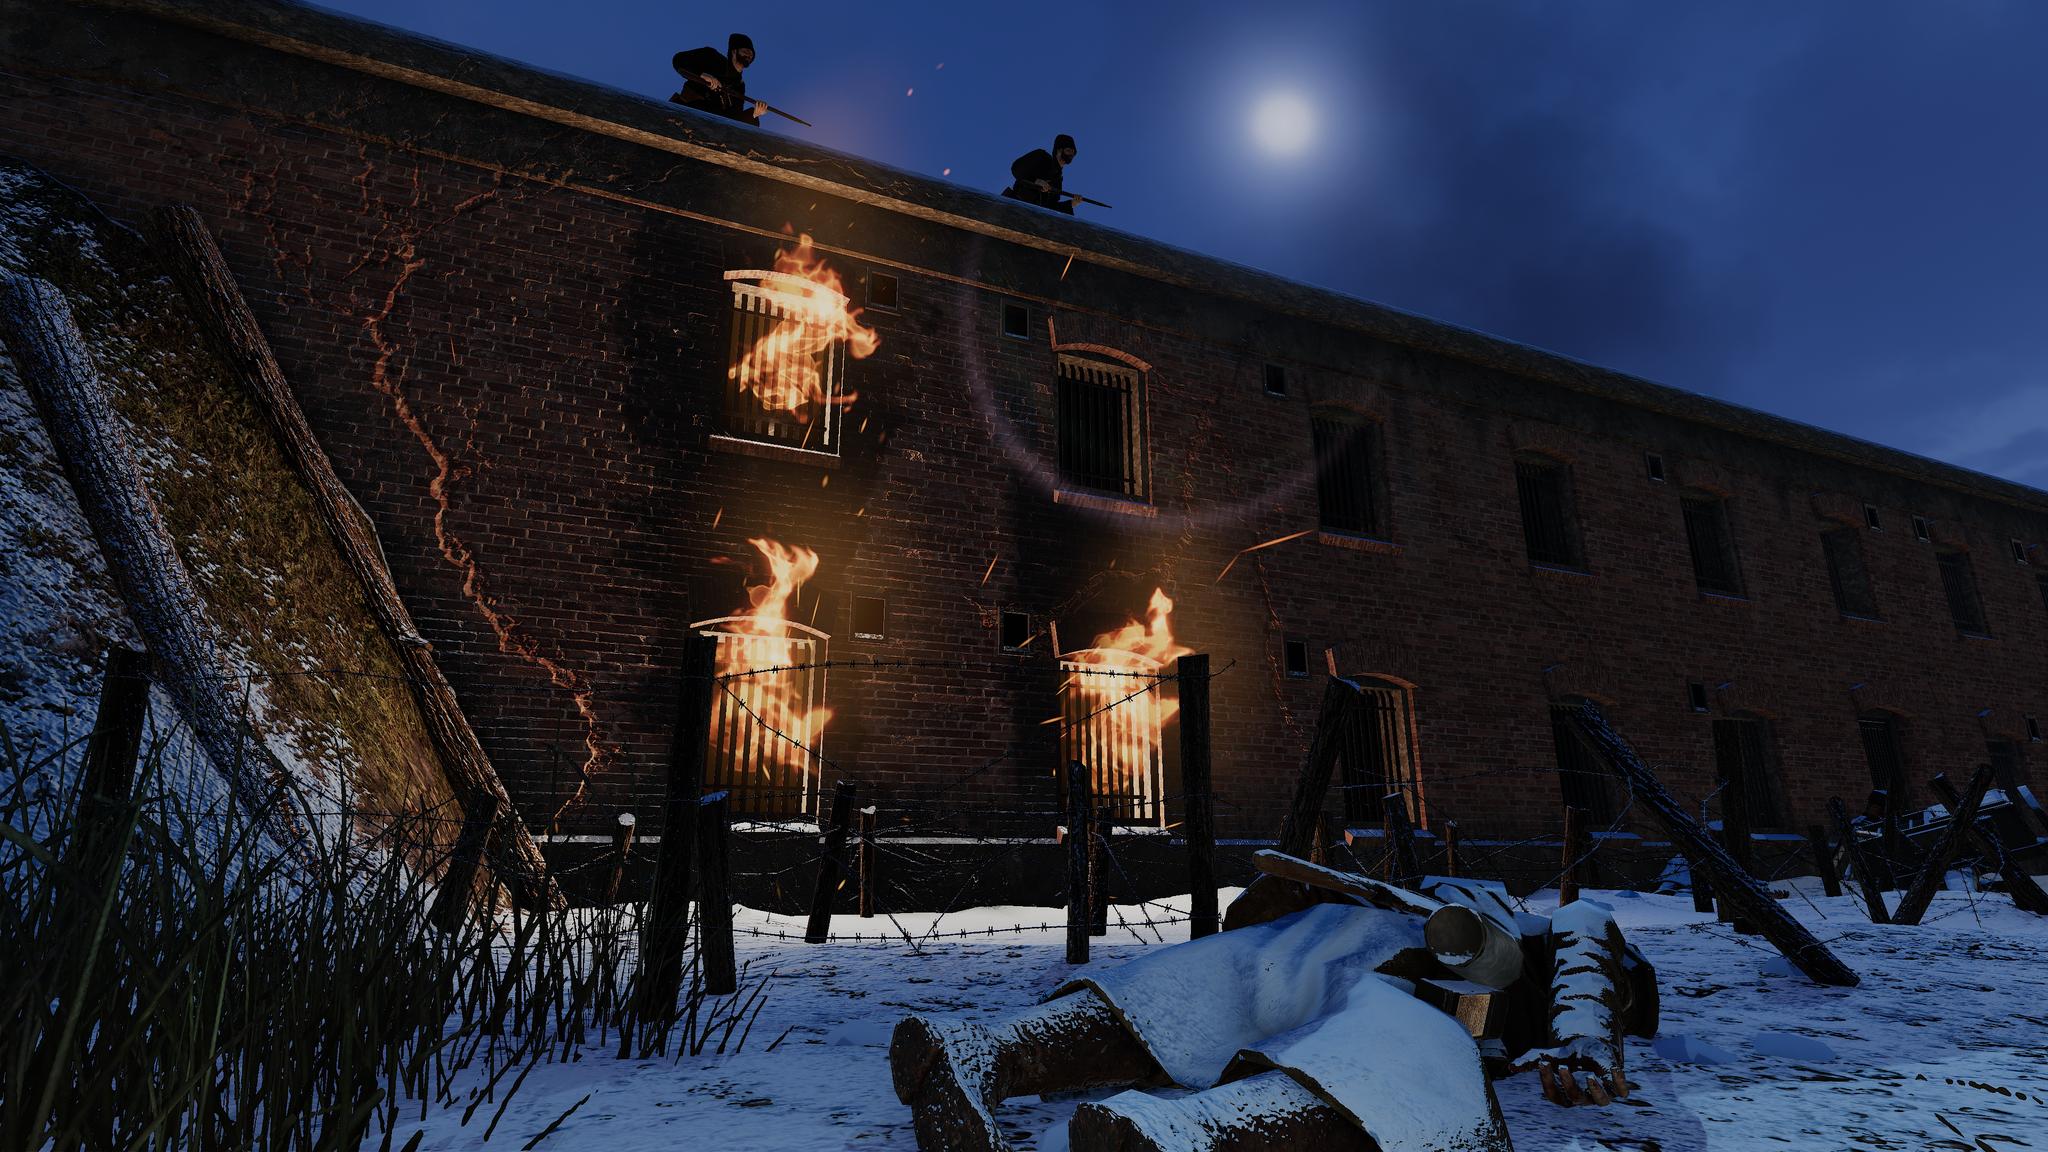 The Przemyśl barracks, burning